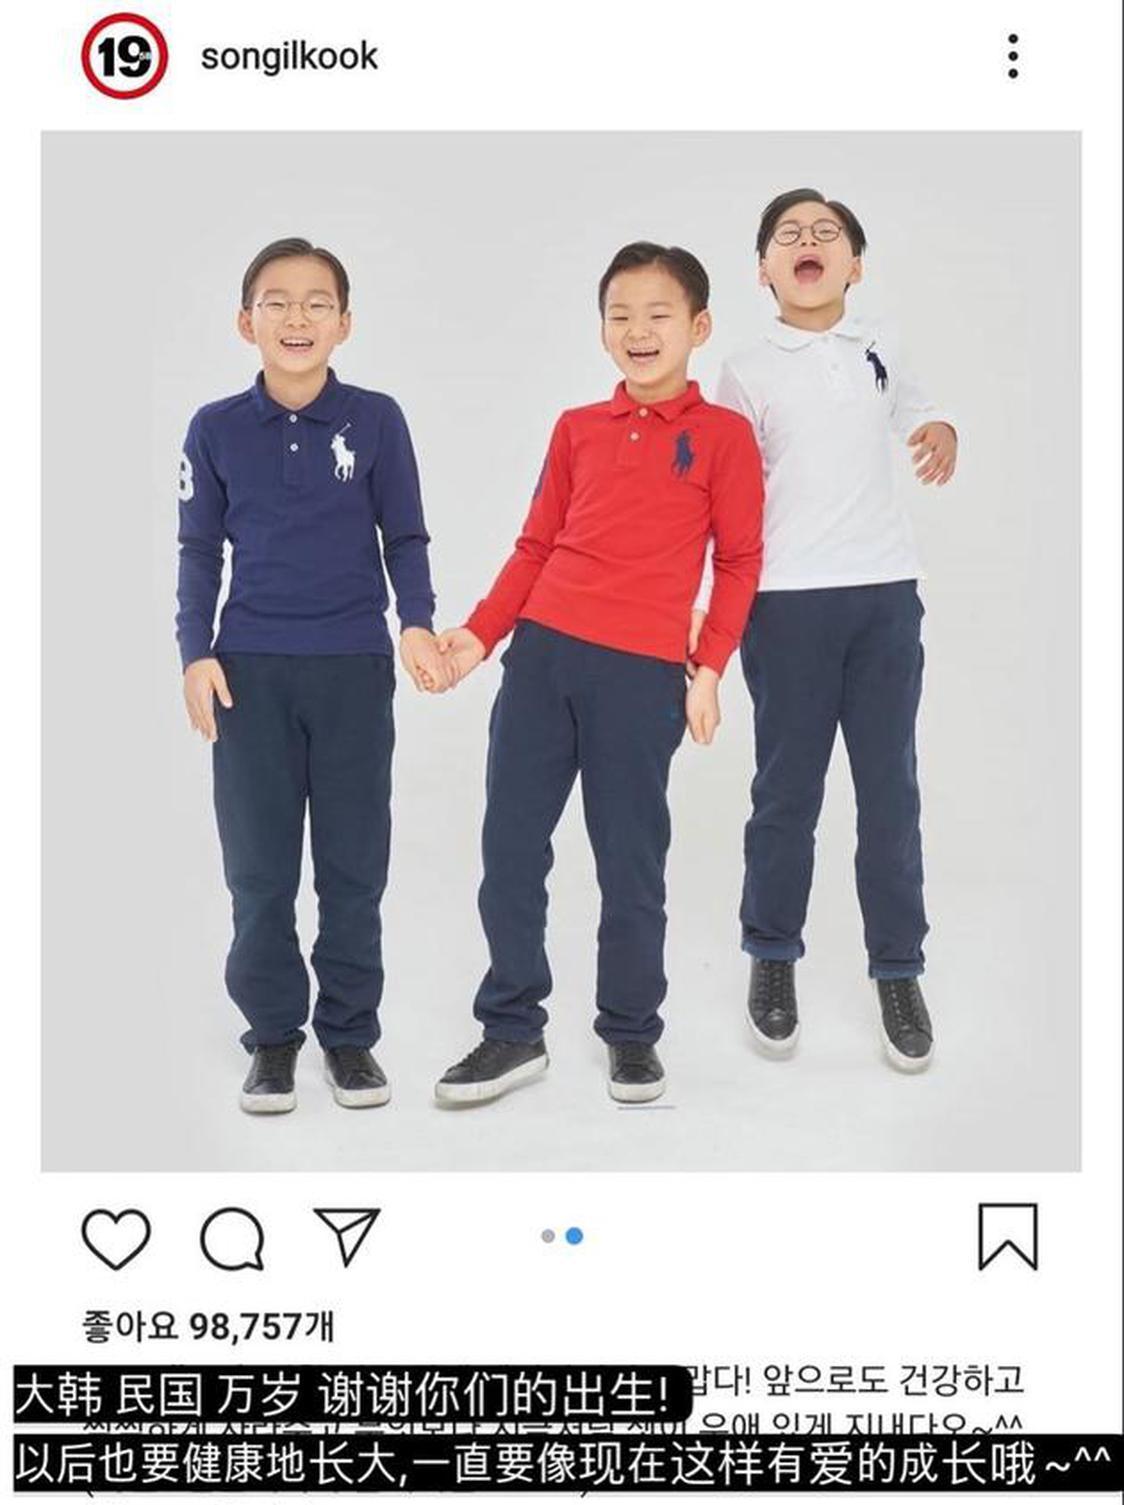 宋一国发文为宋家三胞胎庆生